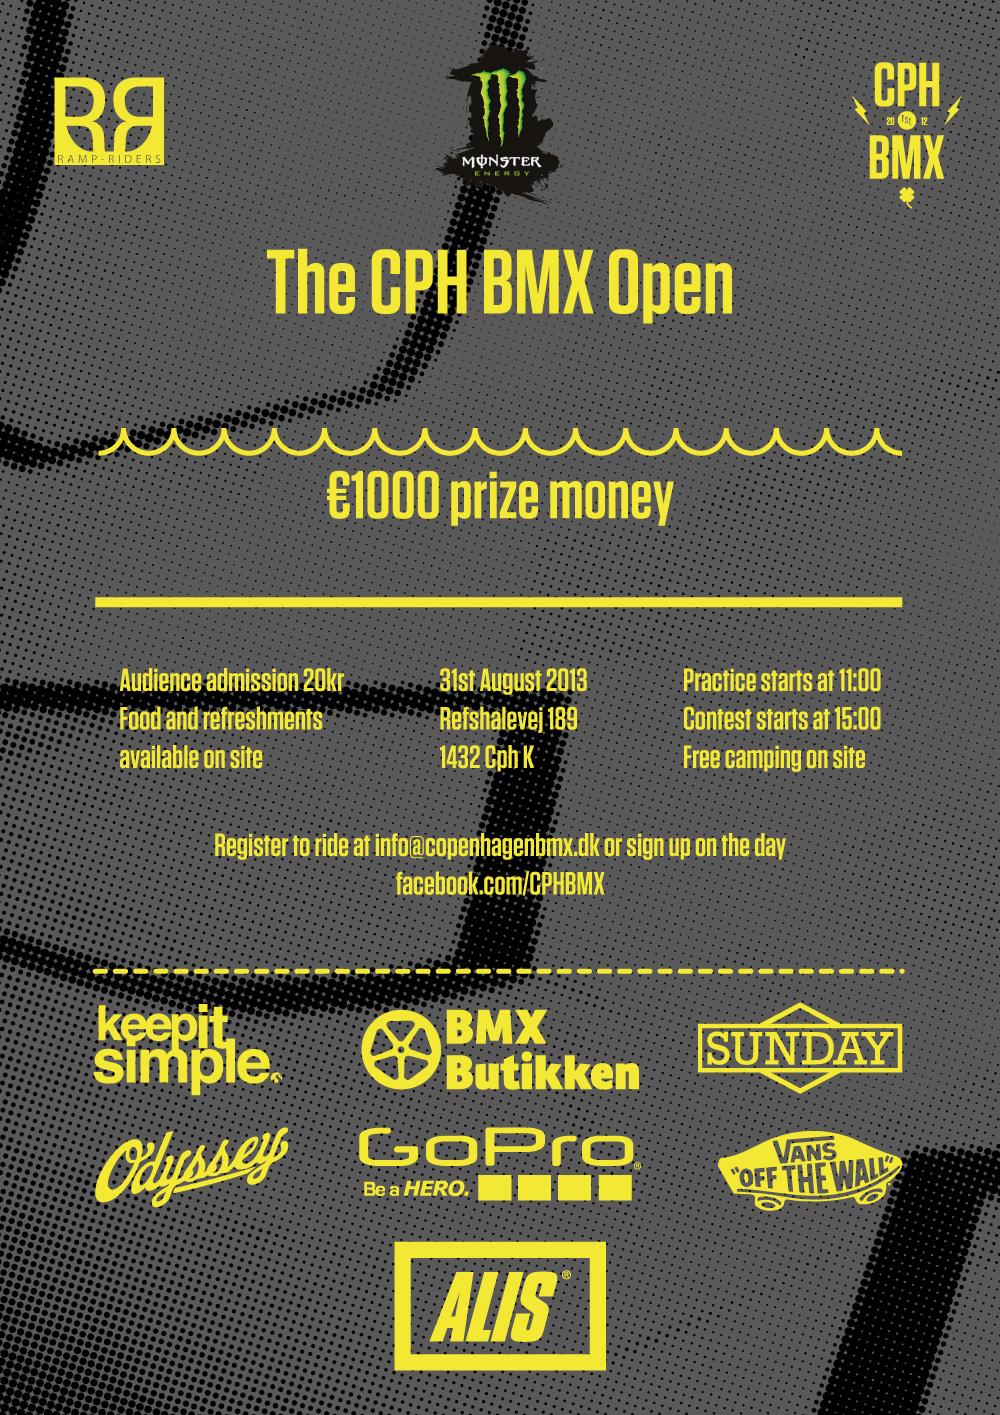 The CPH BMX Open